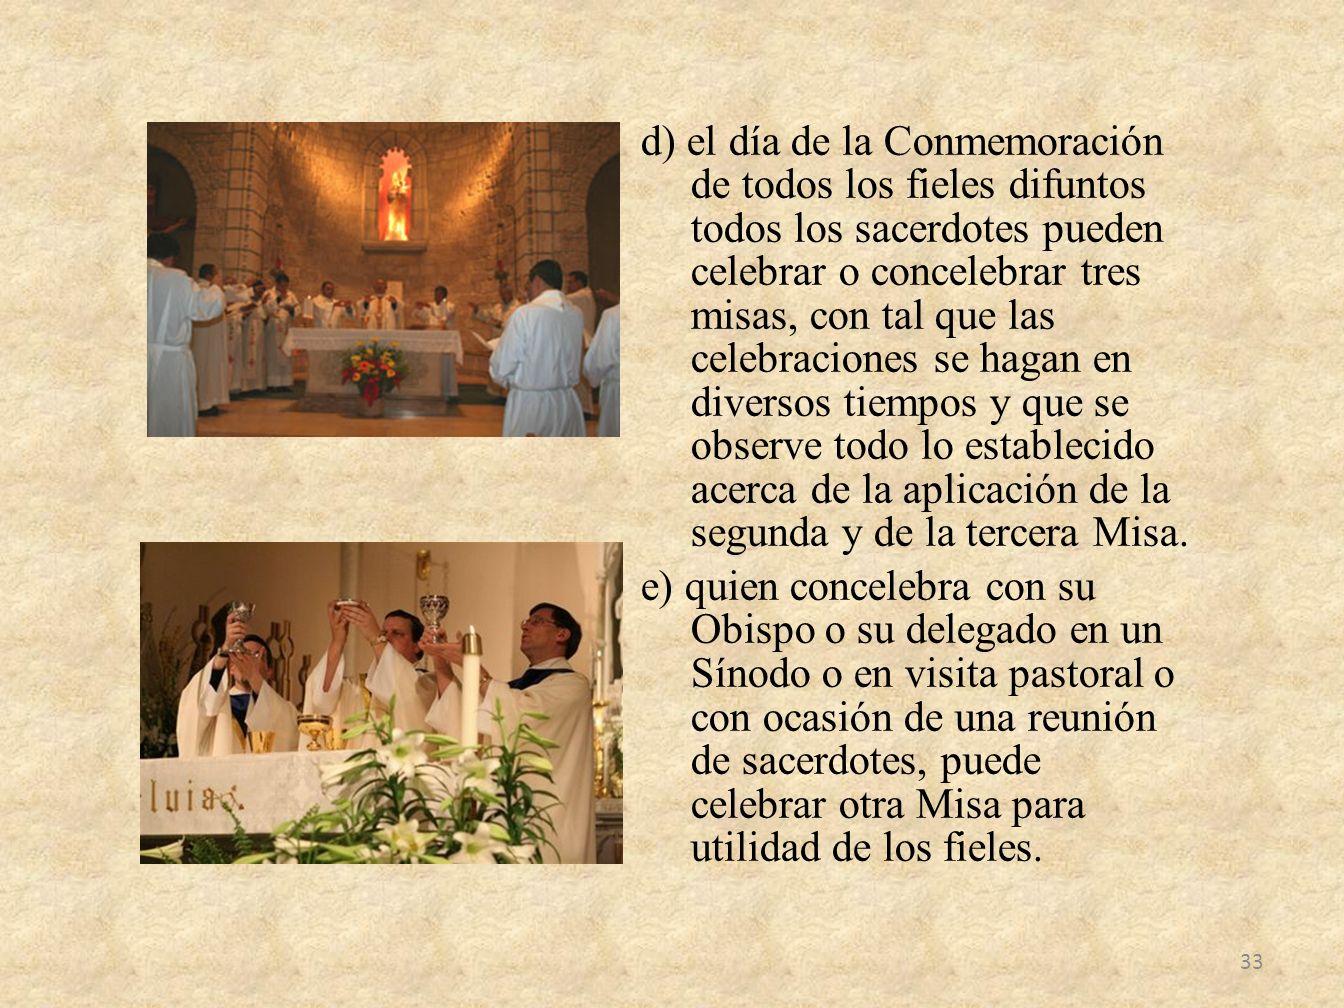 d) el día de la Conmemoración de todos los fieles difuntos todos los sacerdotes pueden celebrar o concelebrar tres misas, con tal que las celebracione